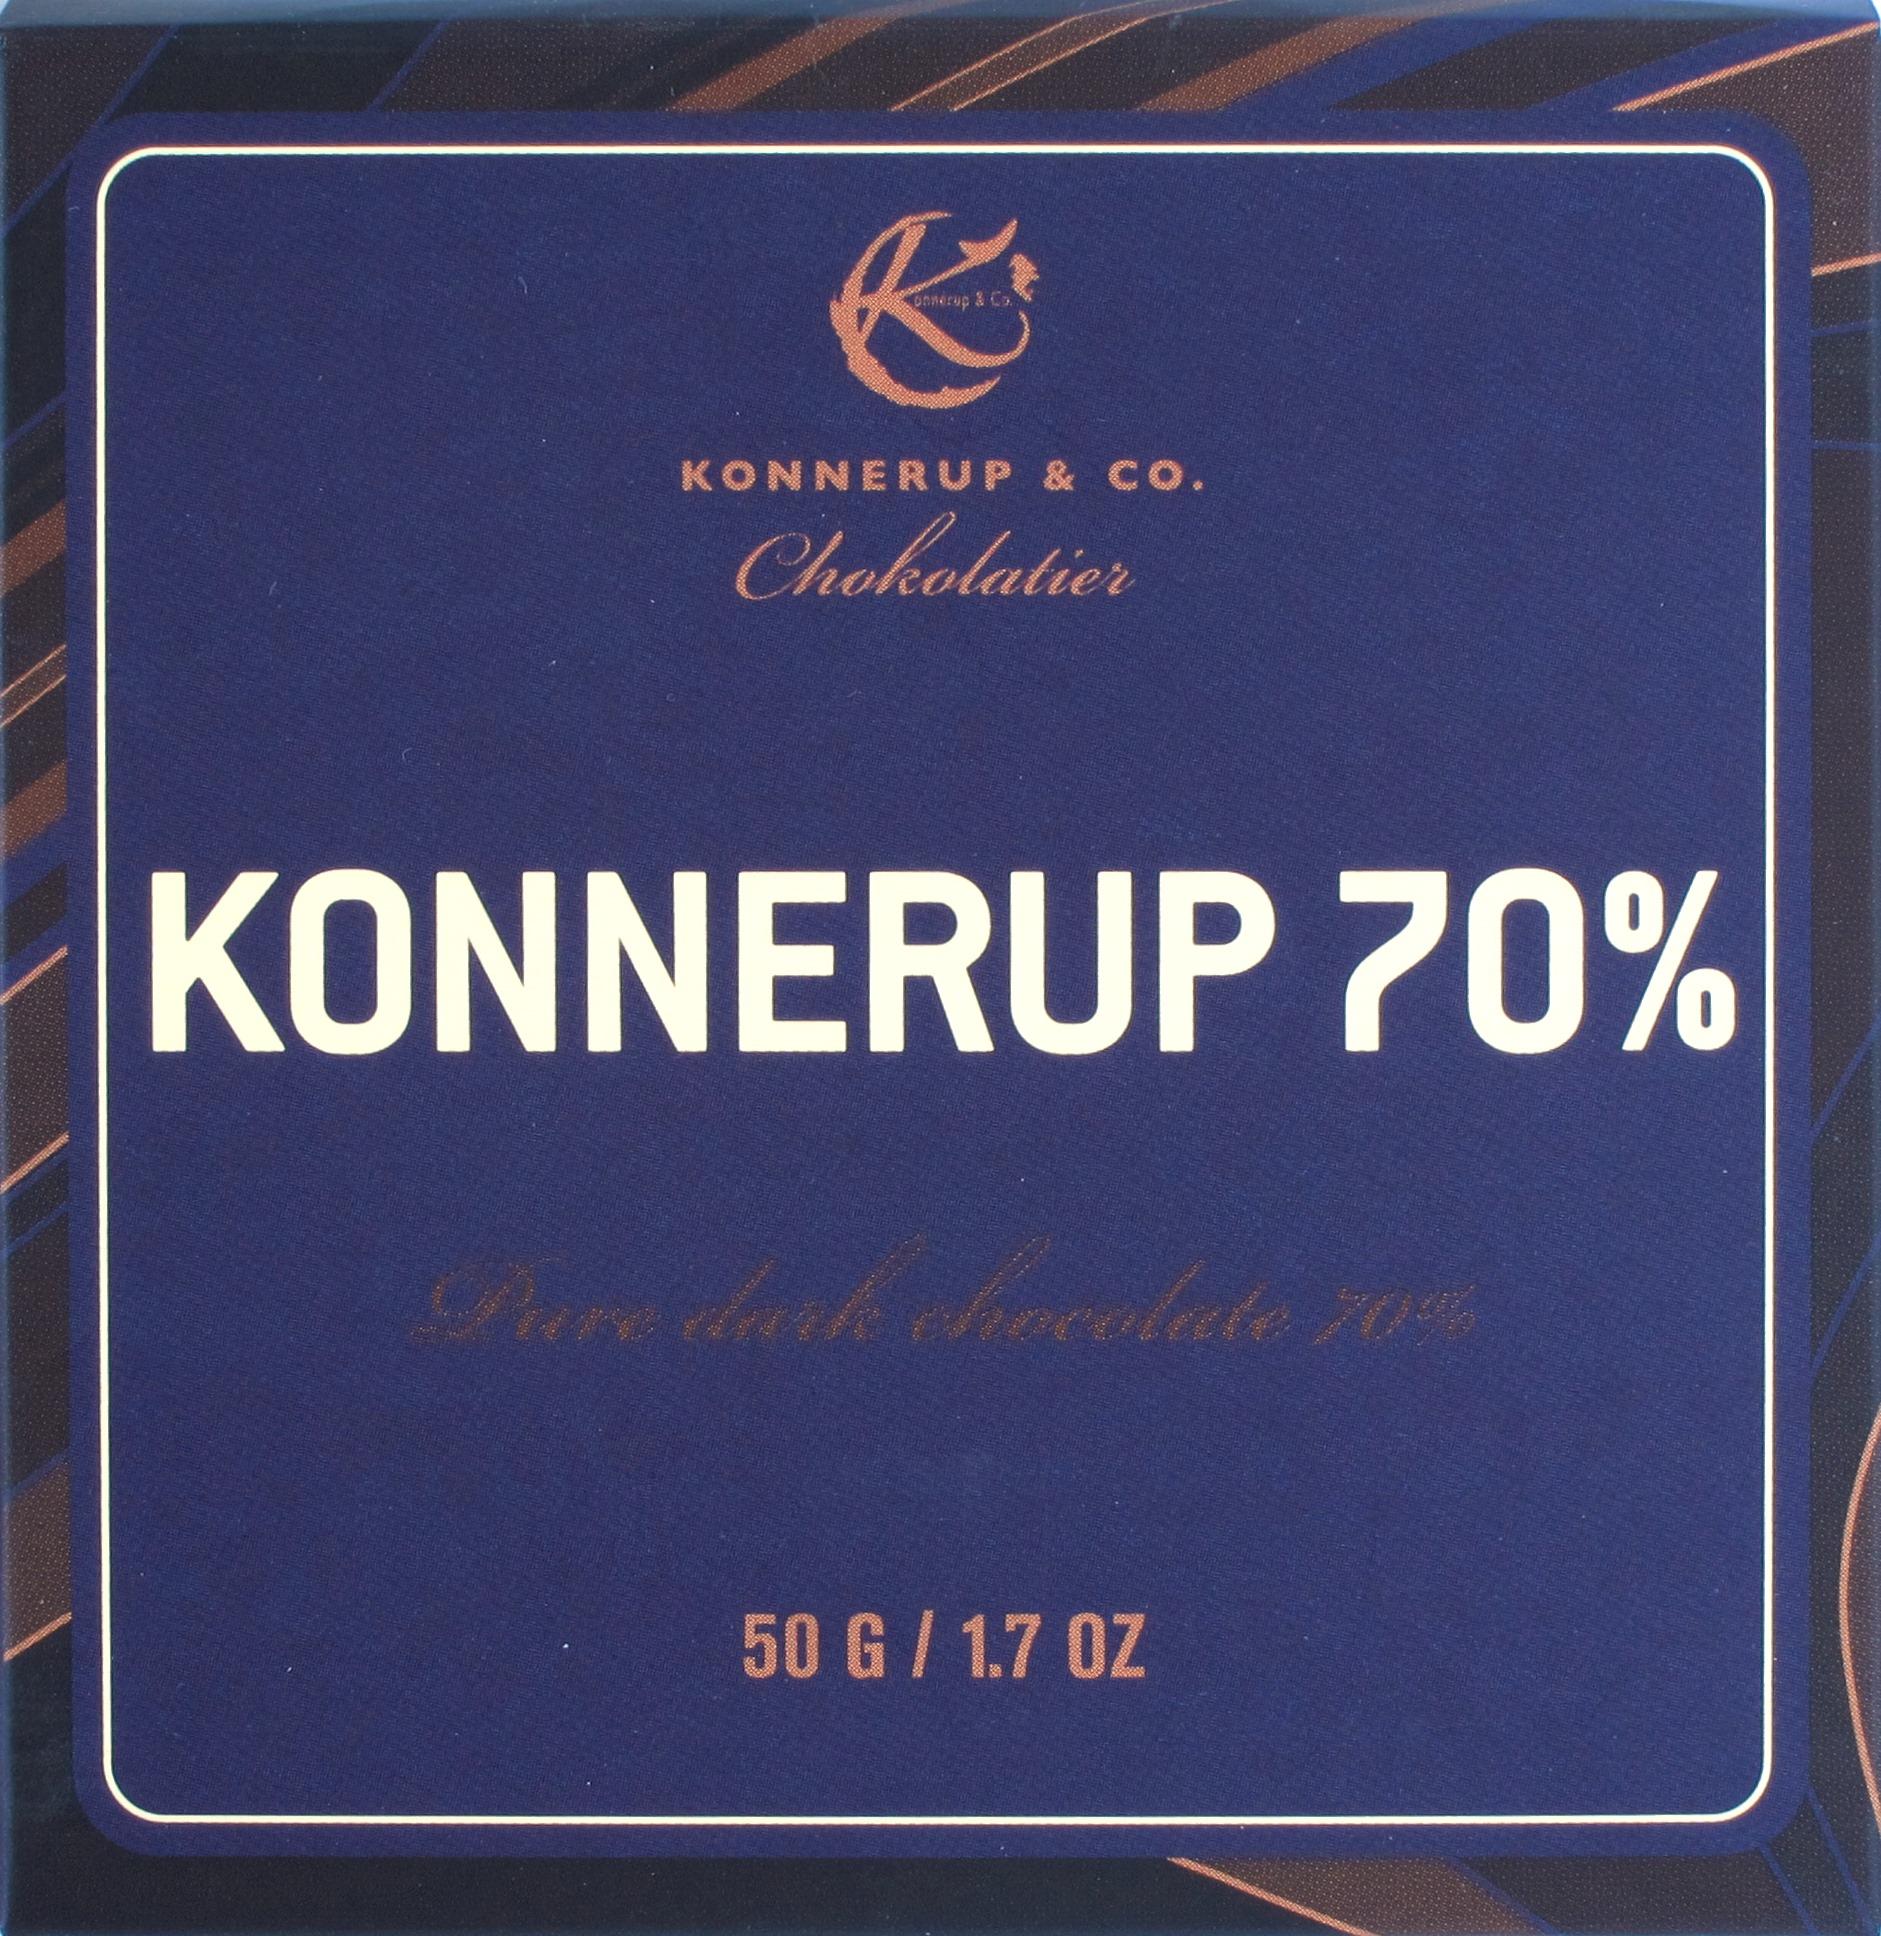 Konnerup & Co 70%-Schokolade